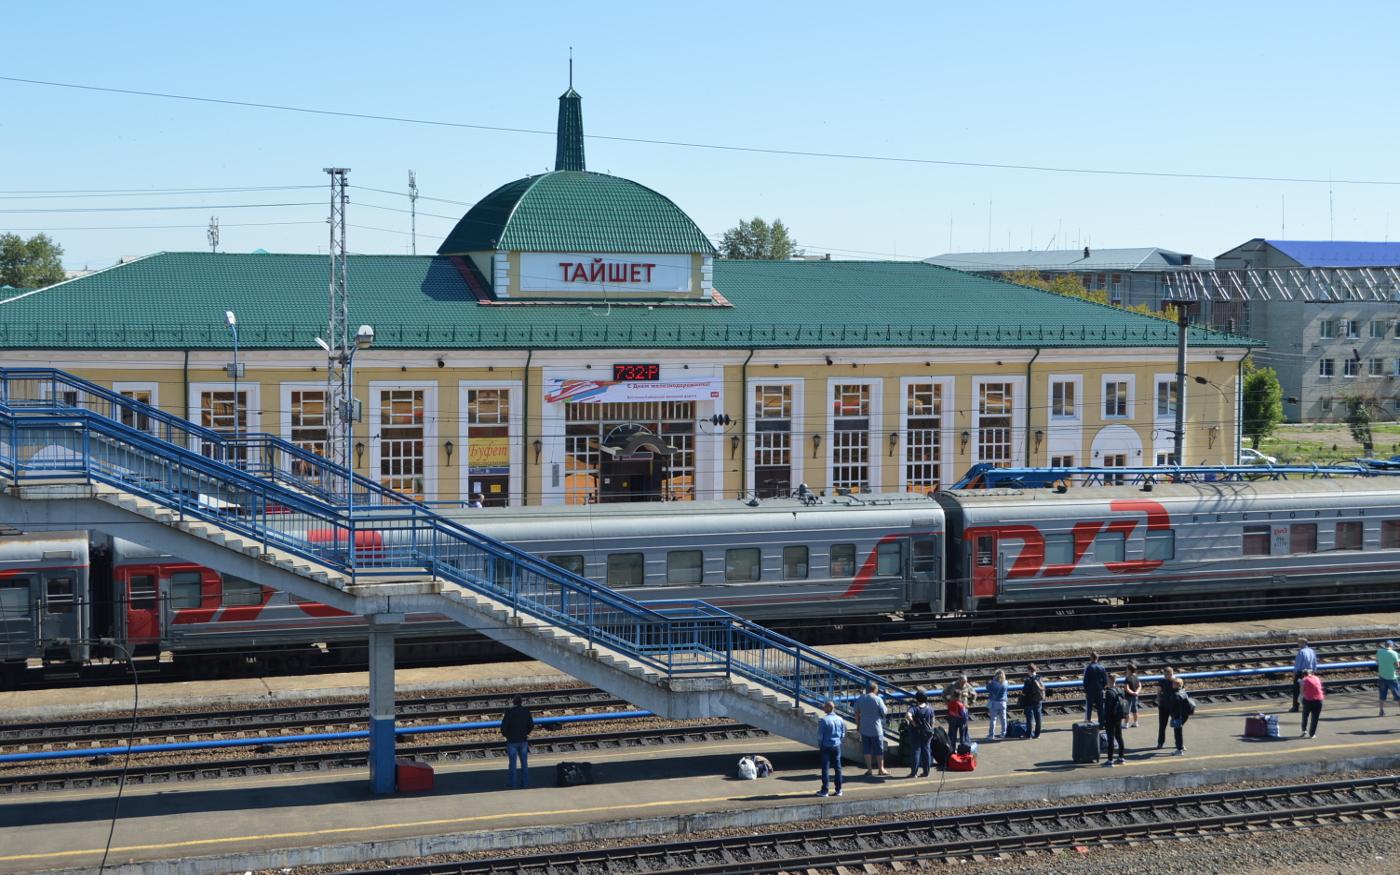 Der Bahnhof in Tajschet